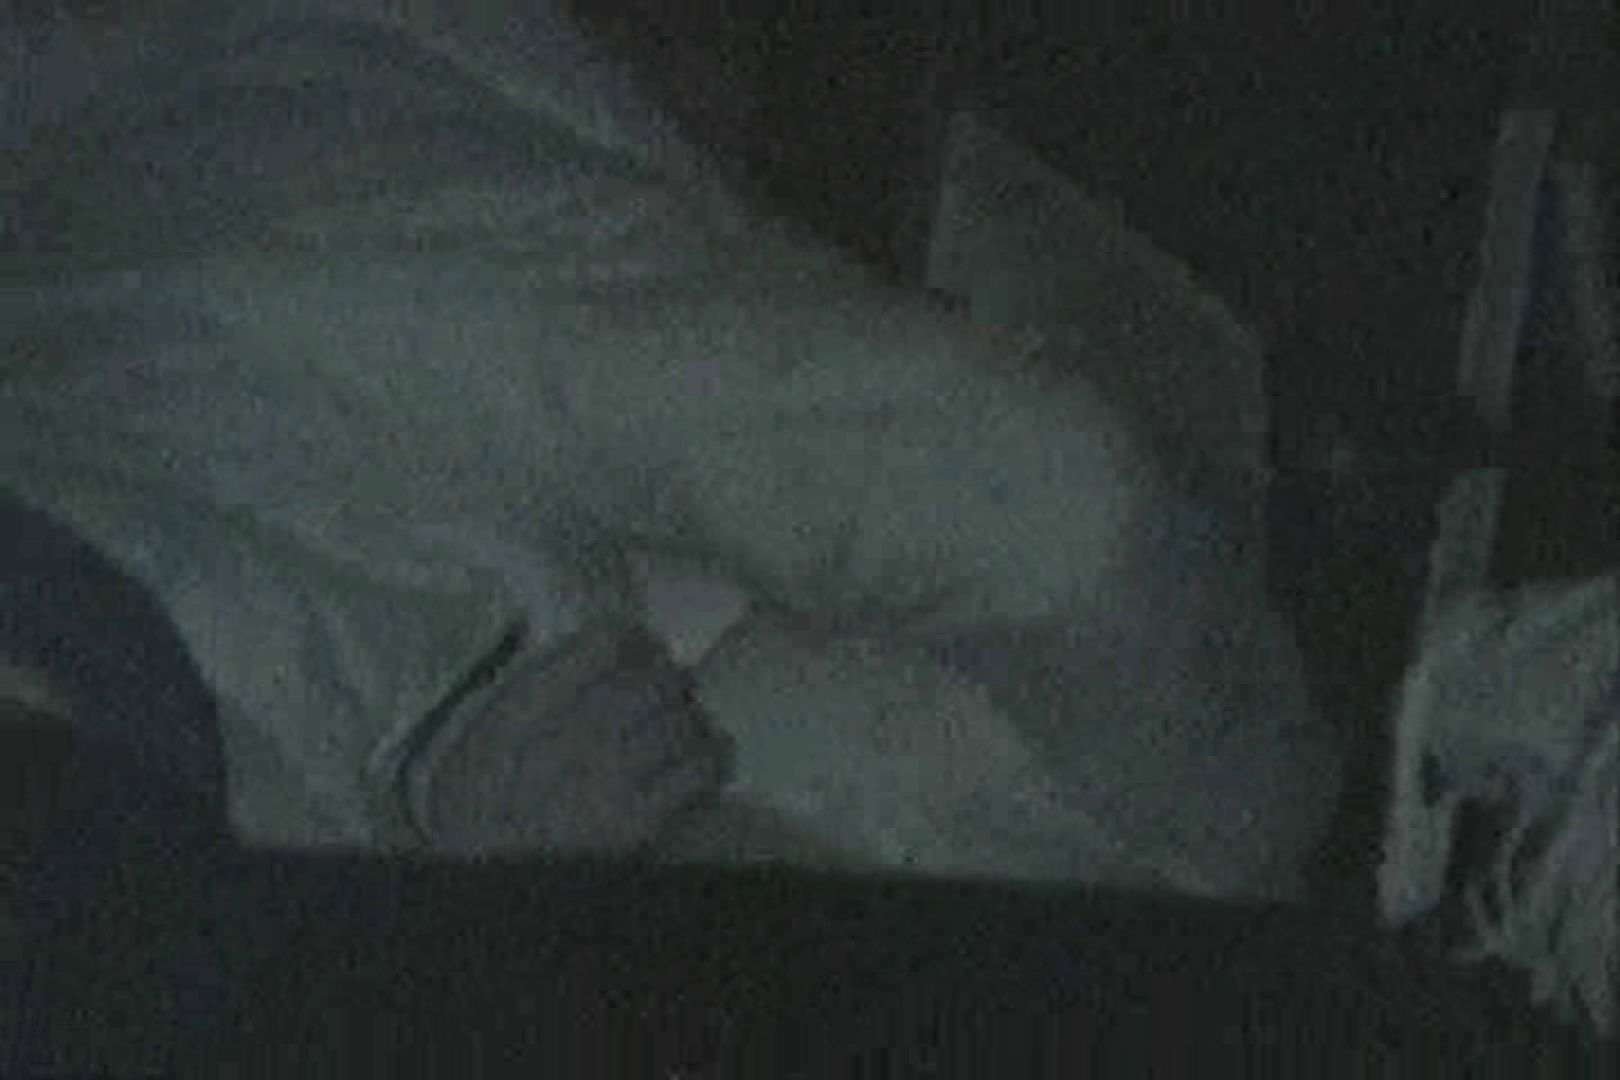 充血監督の深夜の運動会Vol.123 OLの実態 | カップル  27pic 1